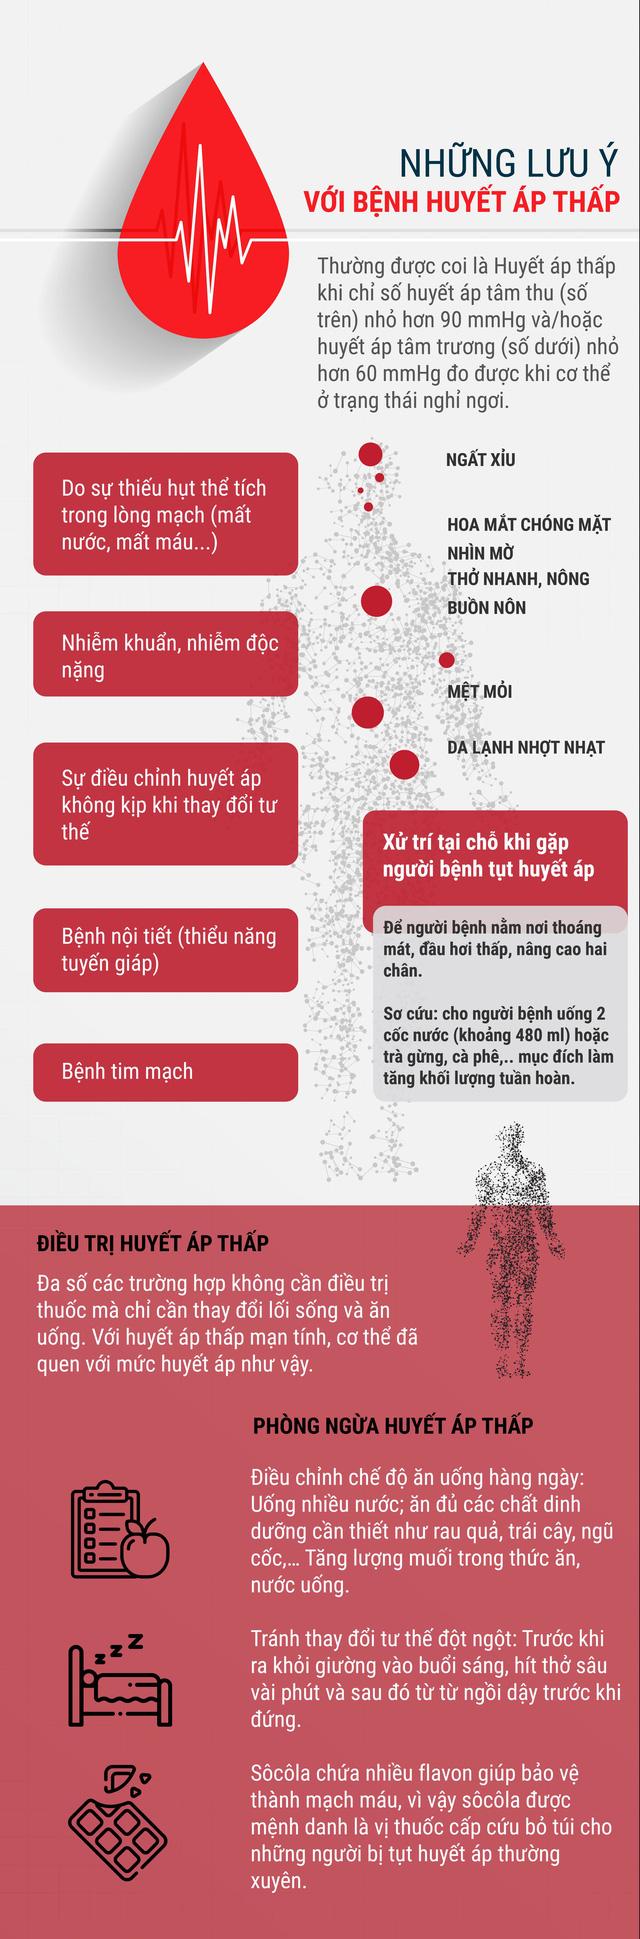 Những lưu ý với bệnh huyết áp thấp - Ảnh 1.